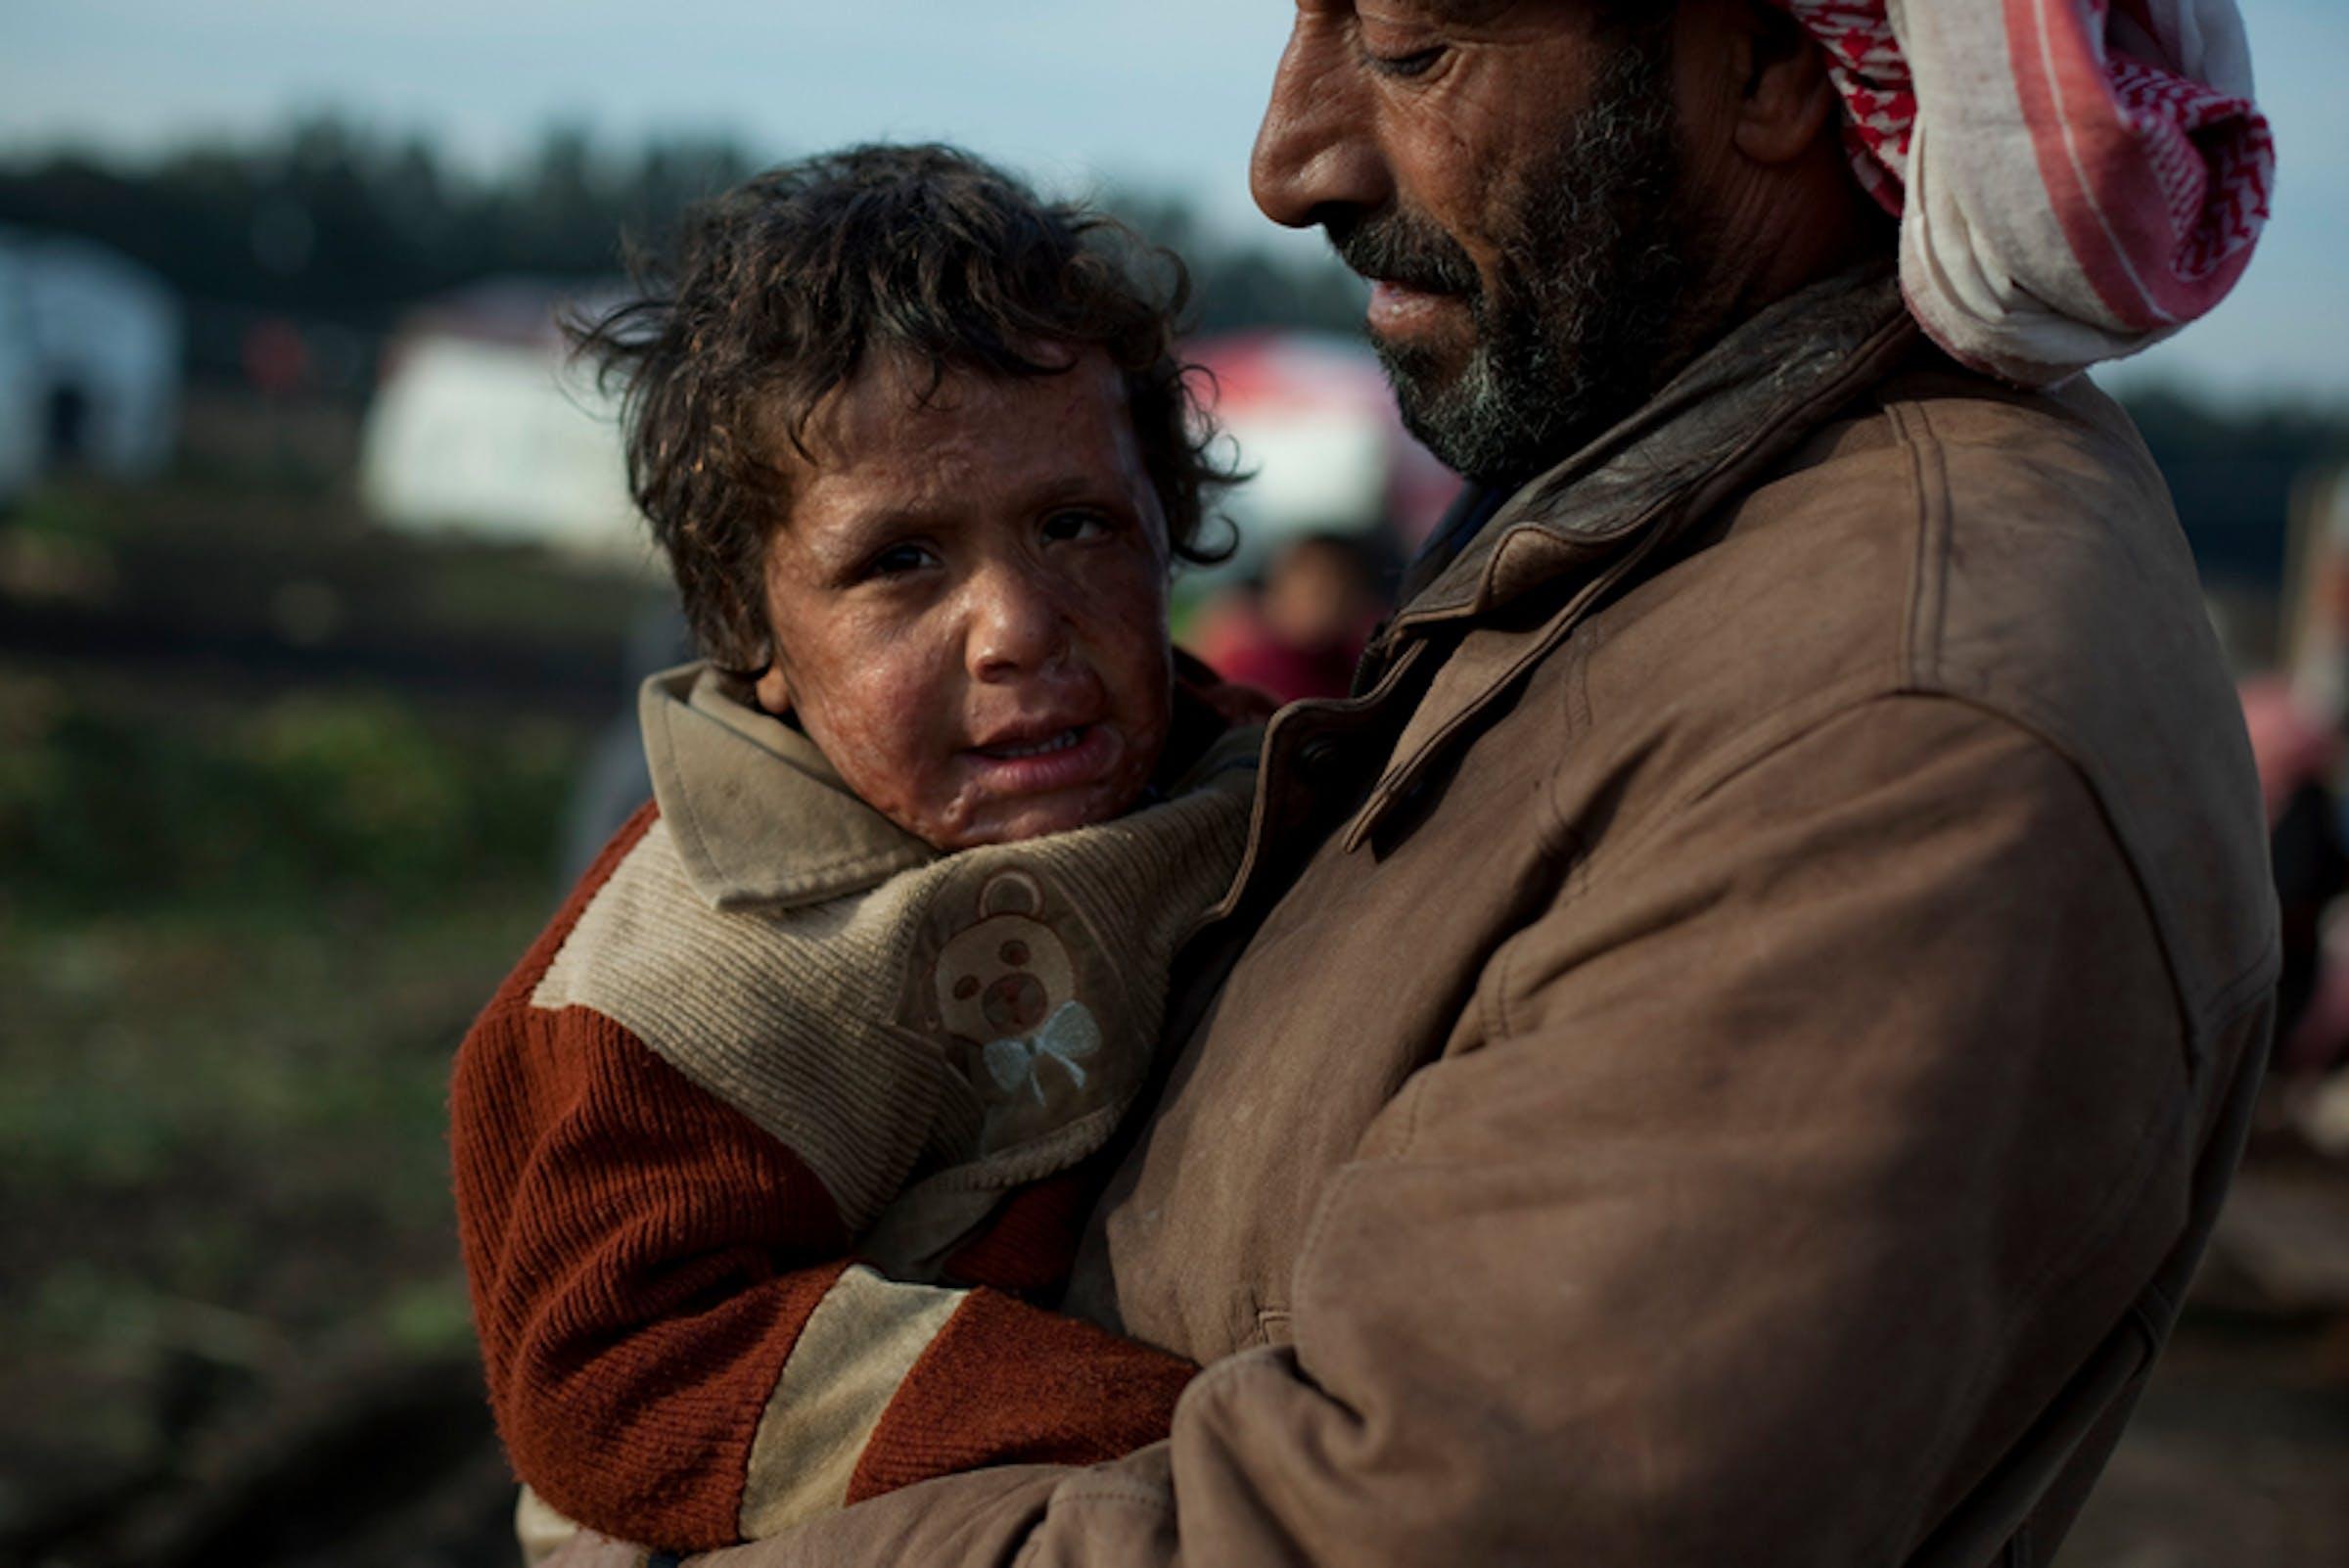 Adnan, 5 anni, è uno degli oltre 500.000 bambini siriani rifugiatisi precipitosamente nei paesi confinanti. La foto è stata scattata alcune settimane fa in un campo profughi del Libano - ©UNICEF/NYHQ2013-0043/I.Ramoneda